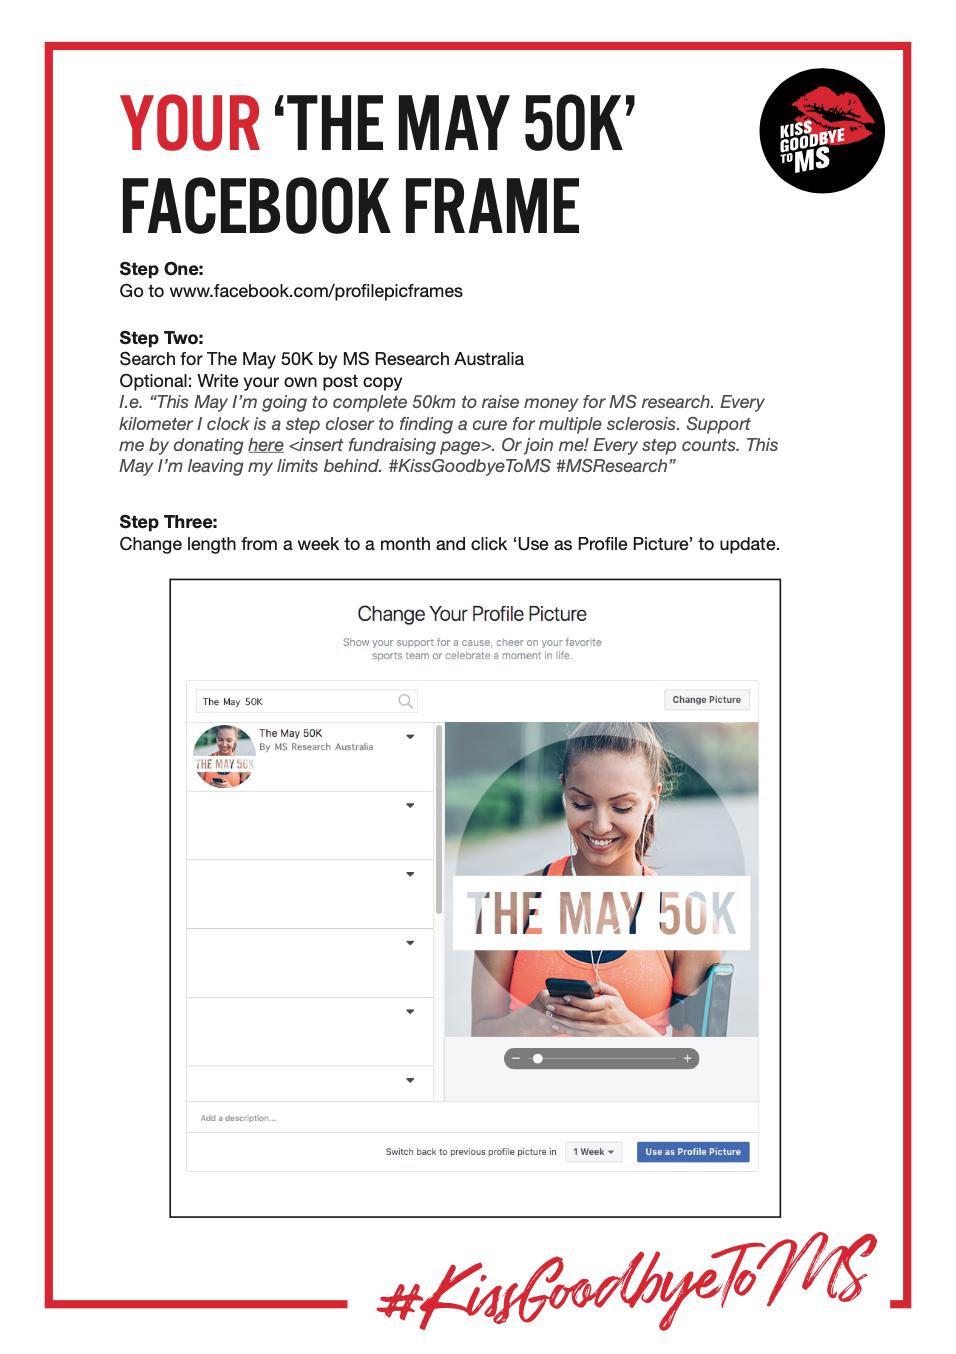 Facebook Frame Guide